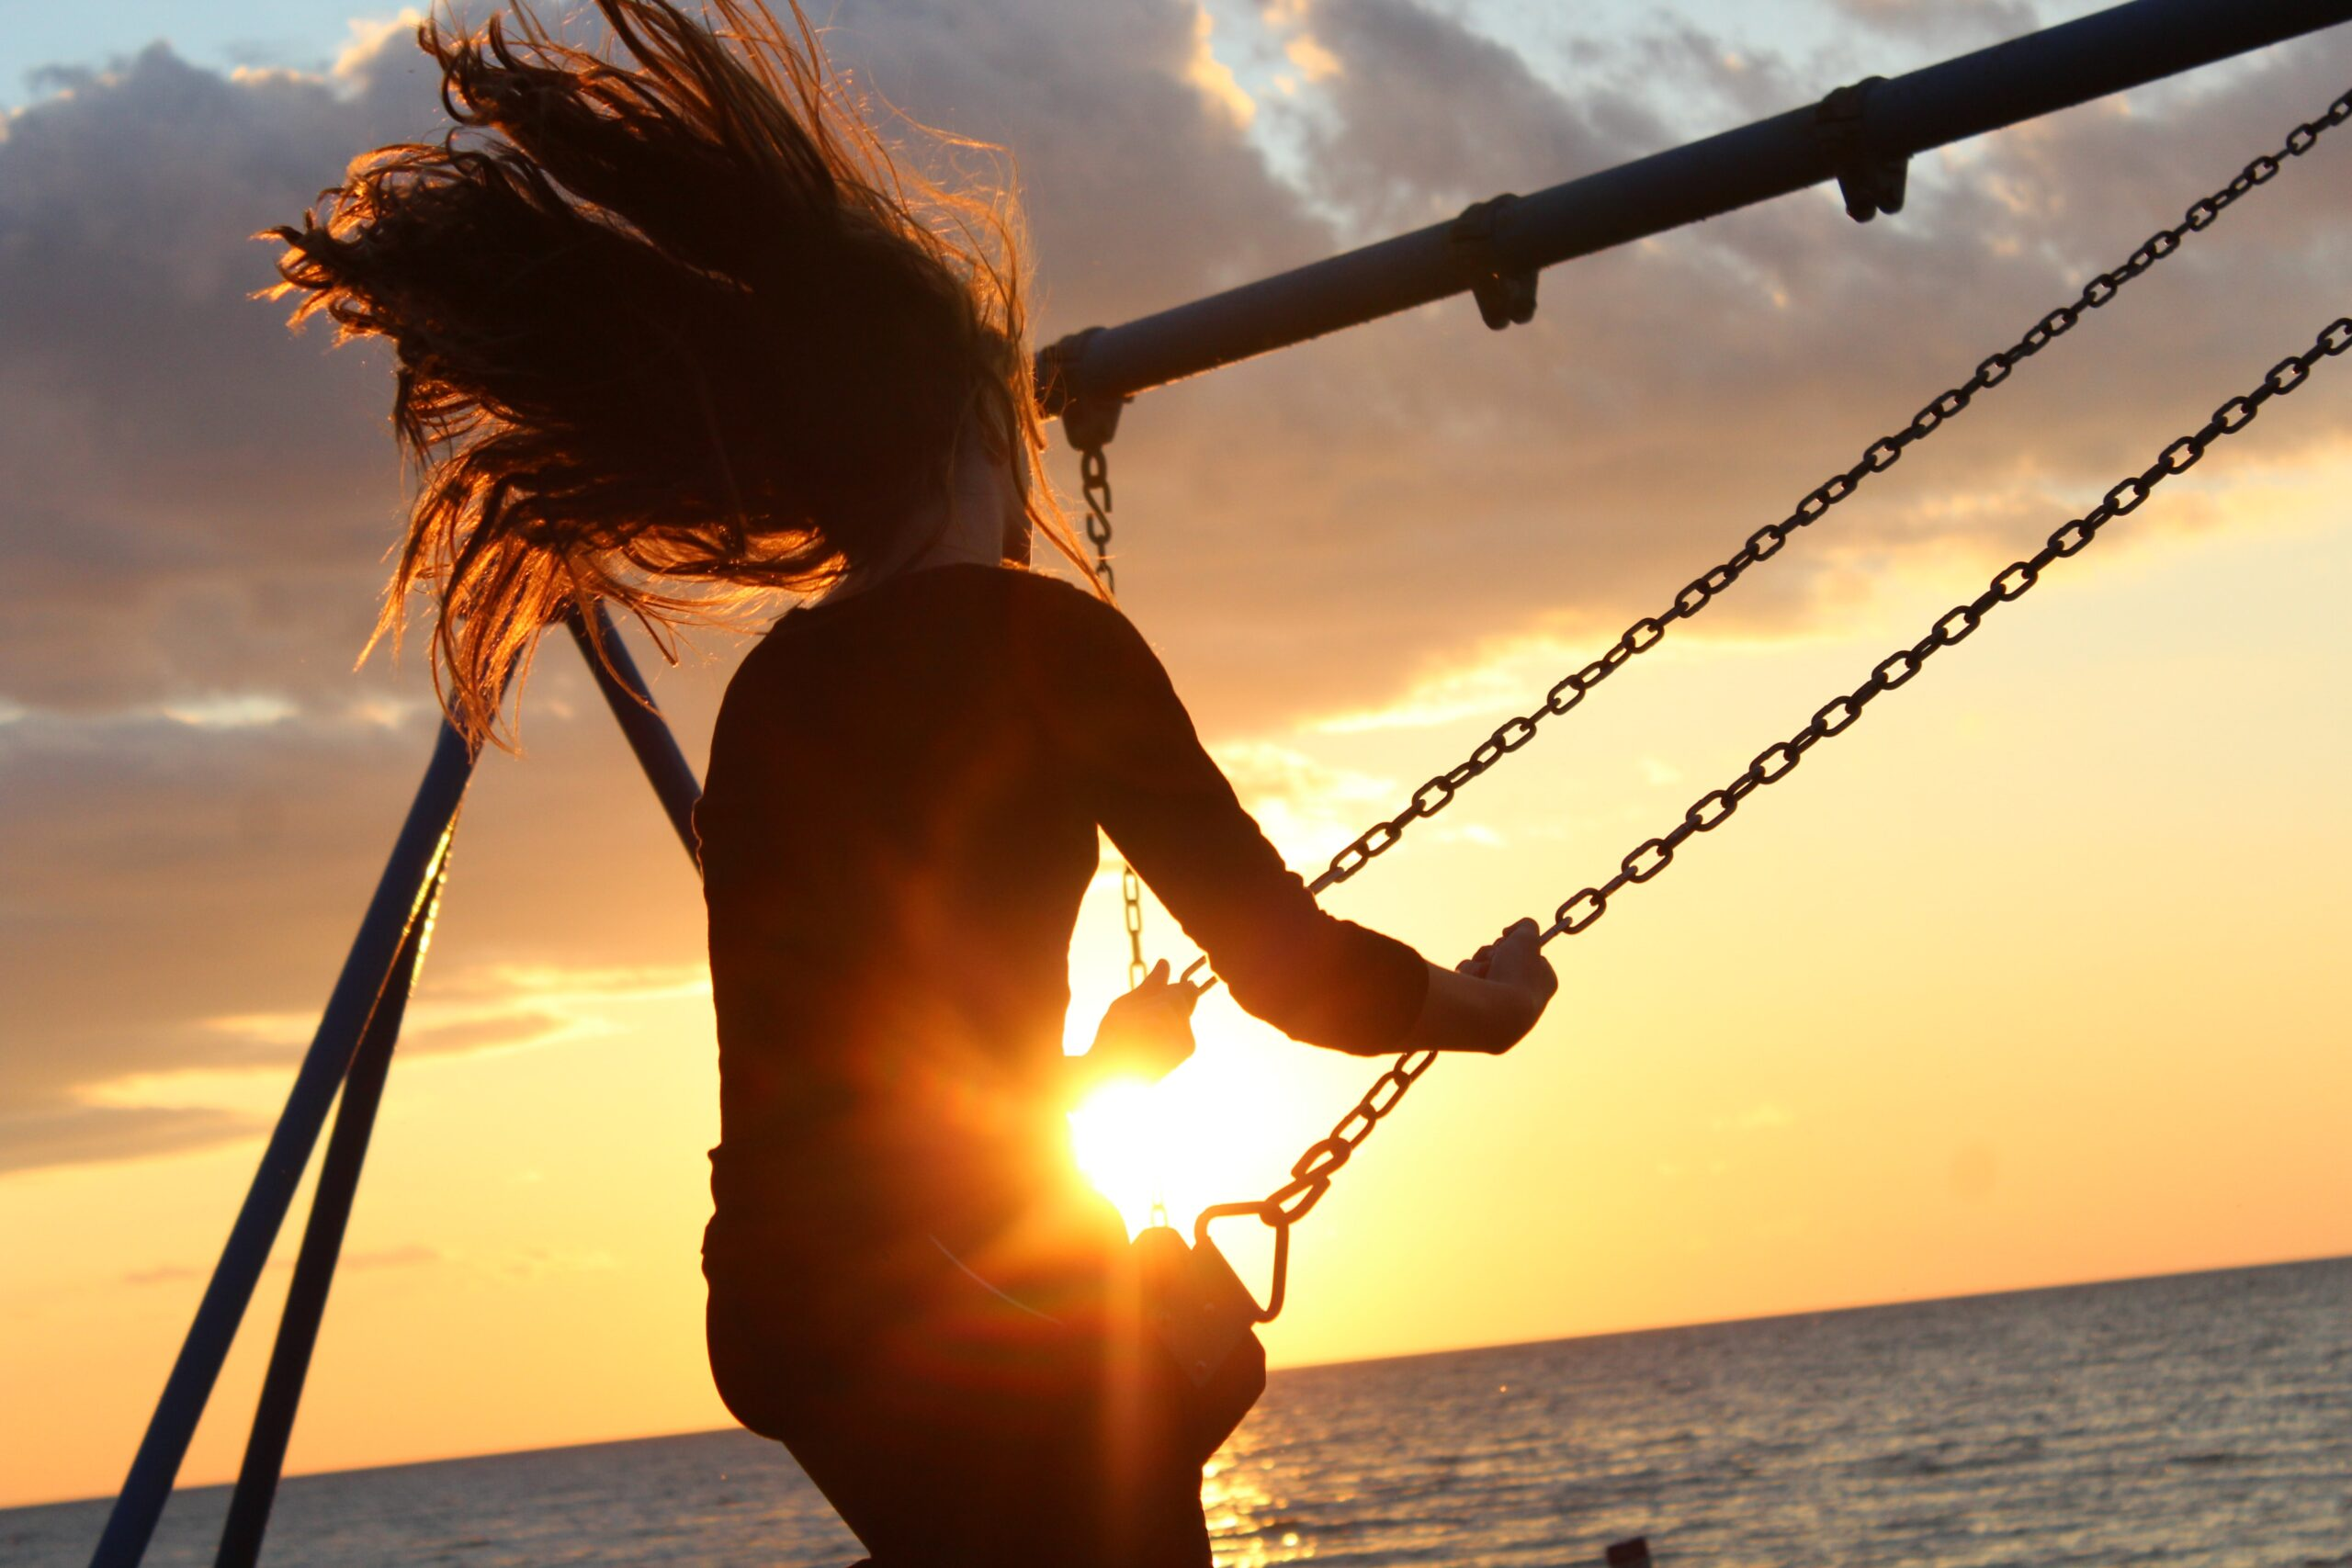 Trova il tempo per fare le cose che ti rendono felice